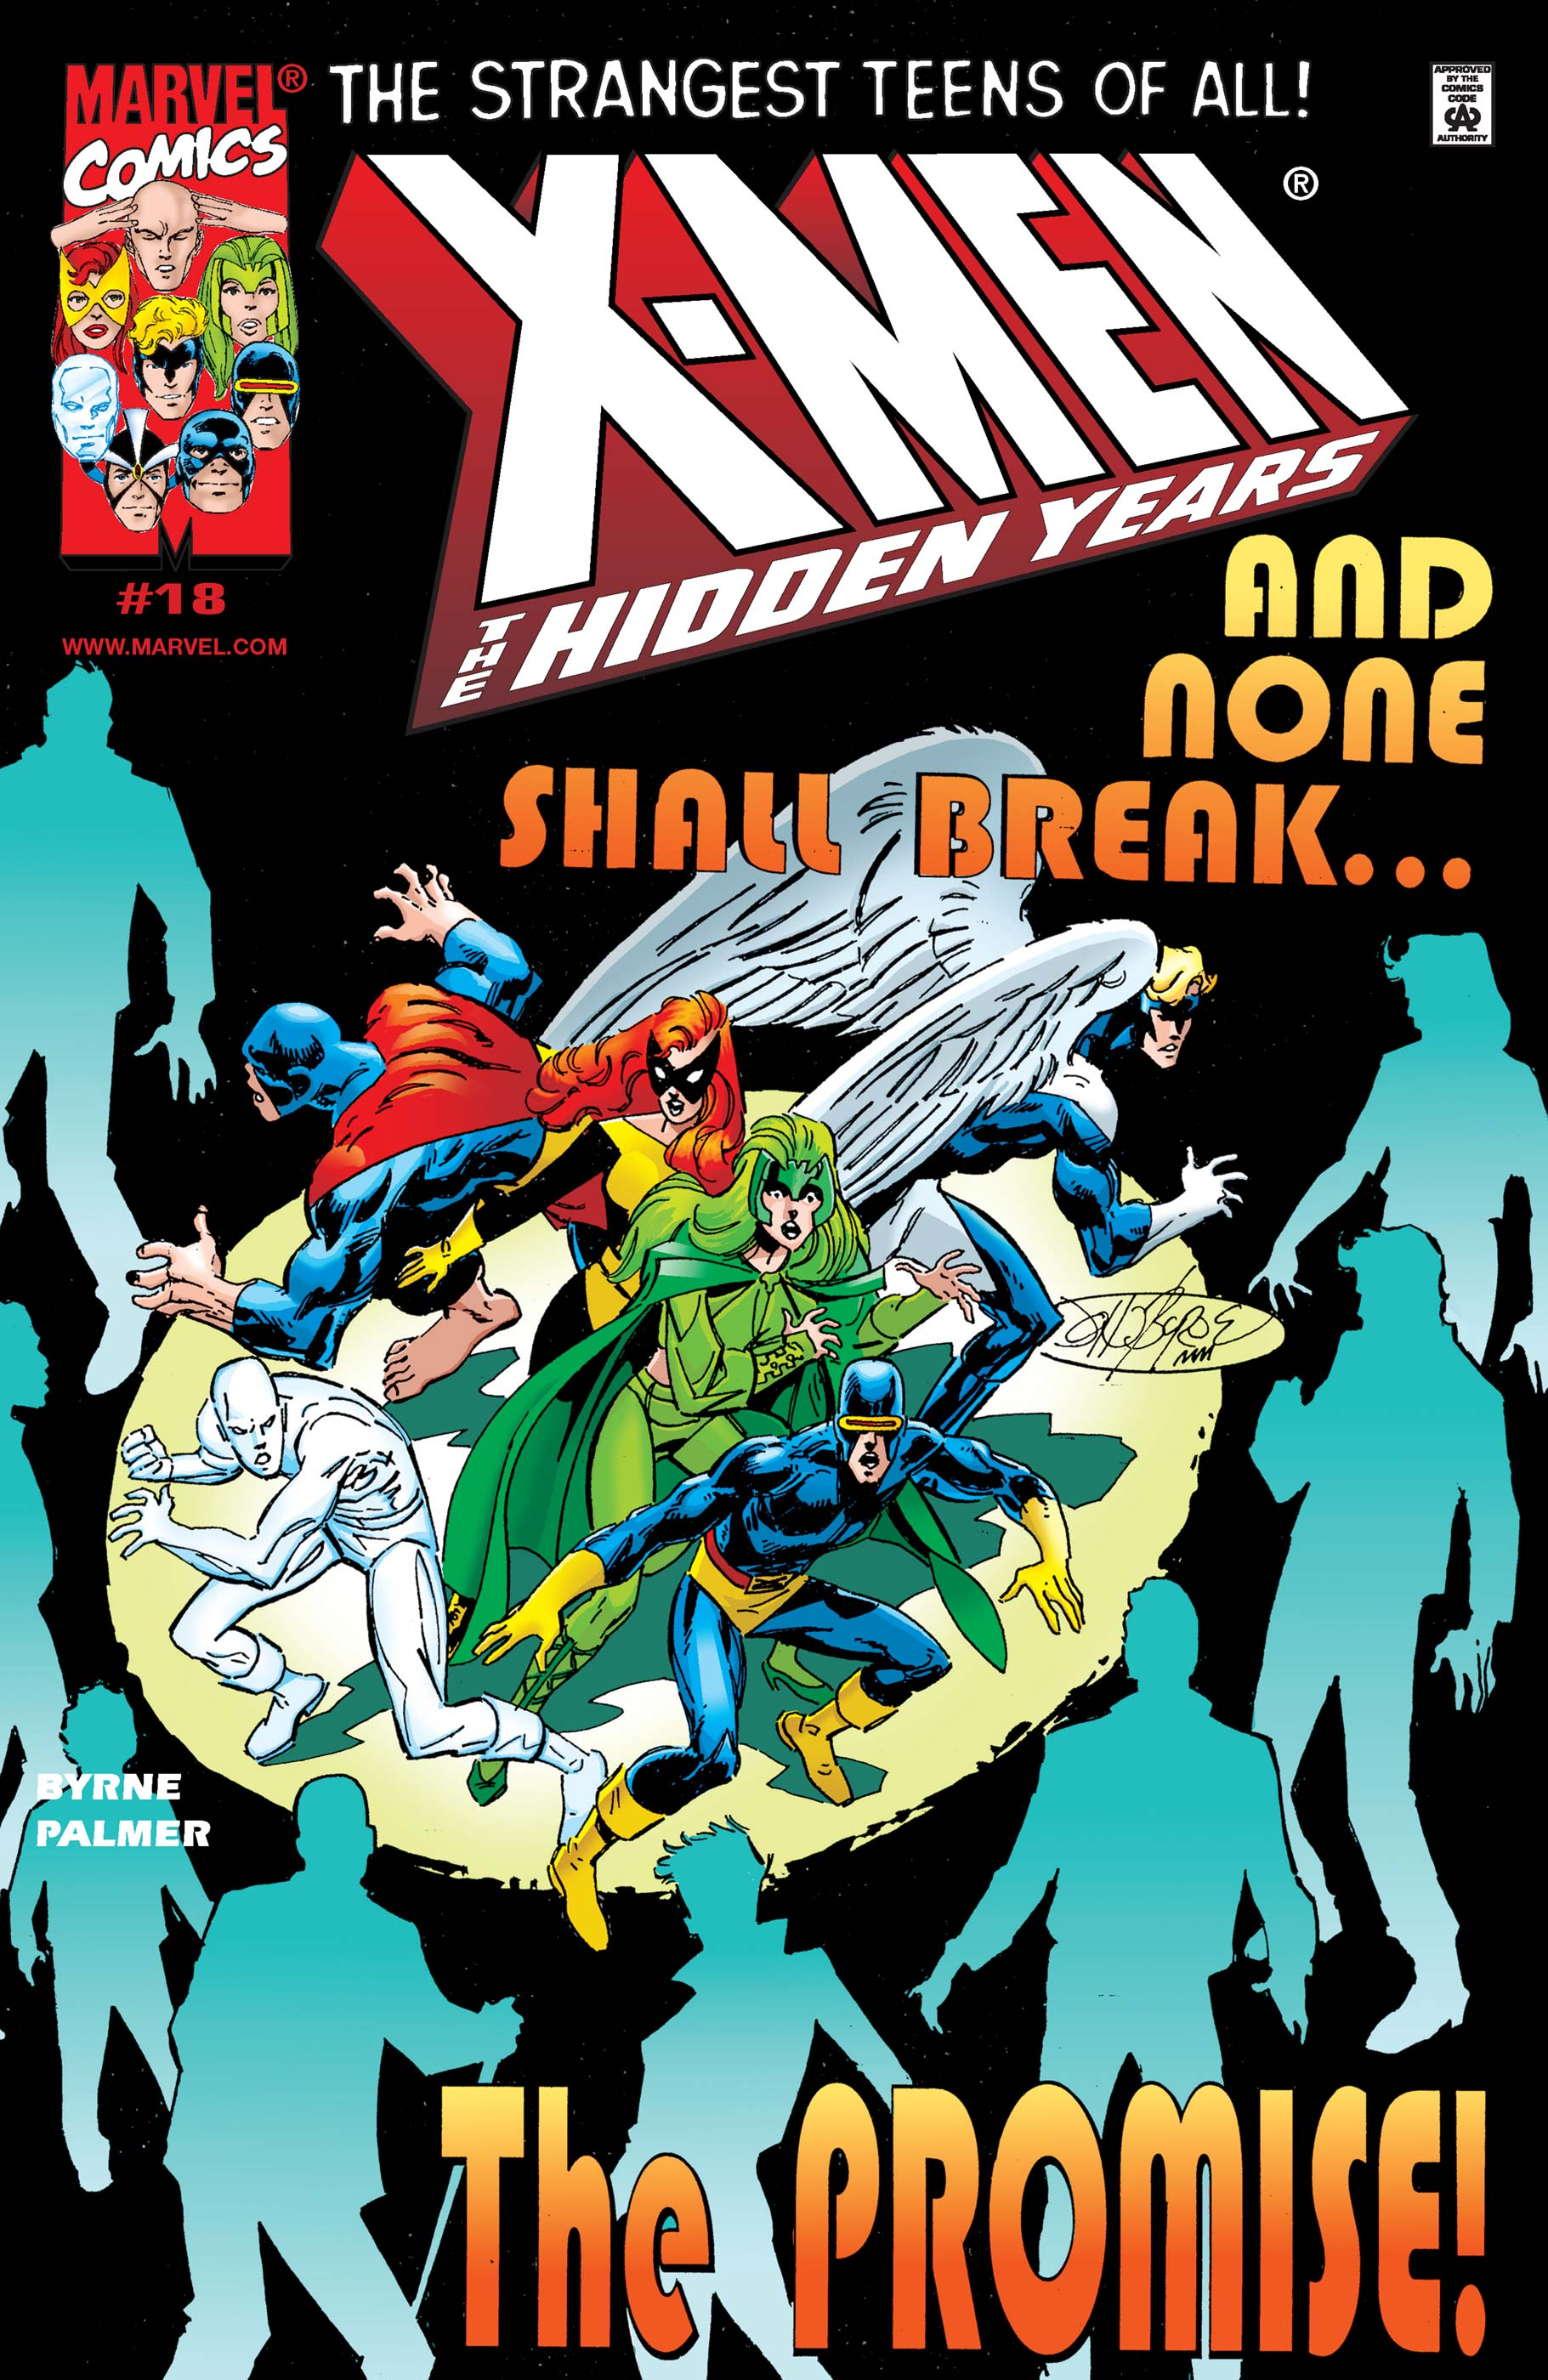 X-Men: The Hidden Years (1999) #18